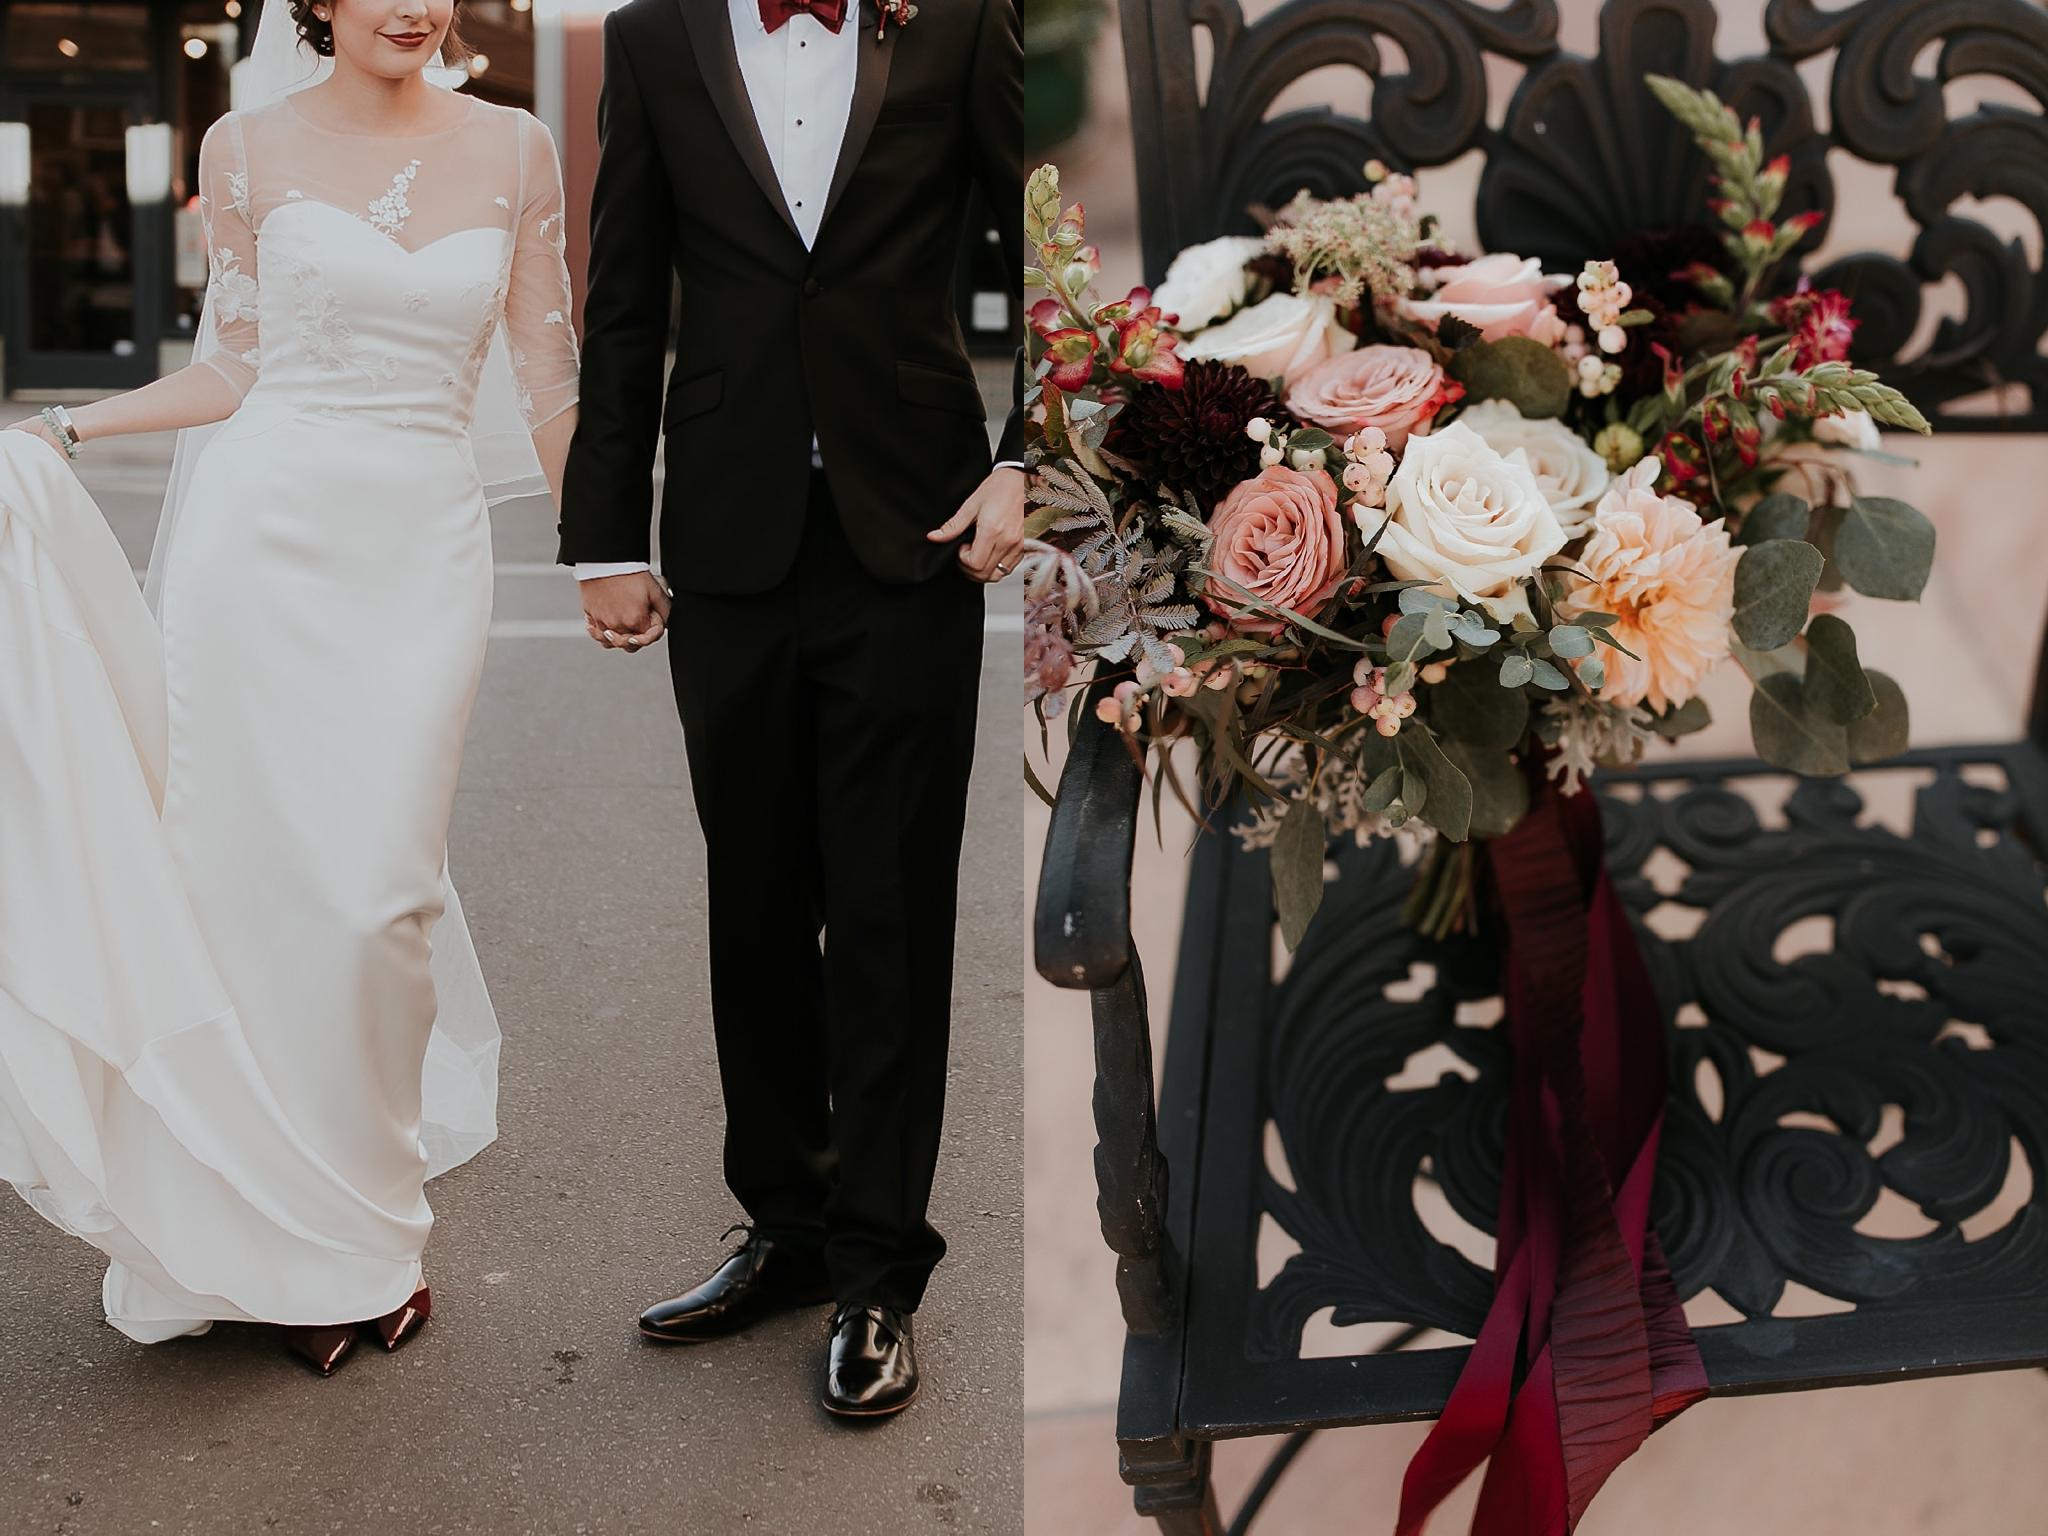 Alicia+lucia+photography+-+albuquerque+wedding+photographer+-+santa+fe+wedding+photography+-+new+mexico+wedding+photographer+-+new+mexico+wedding+-+wedding+photographer+-+wedding+photographer+team_0252.jpg